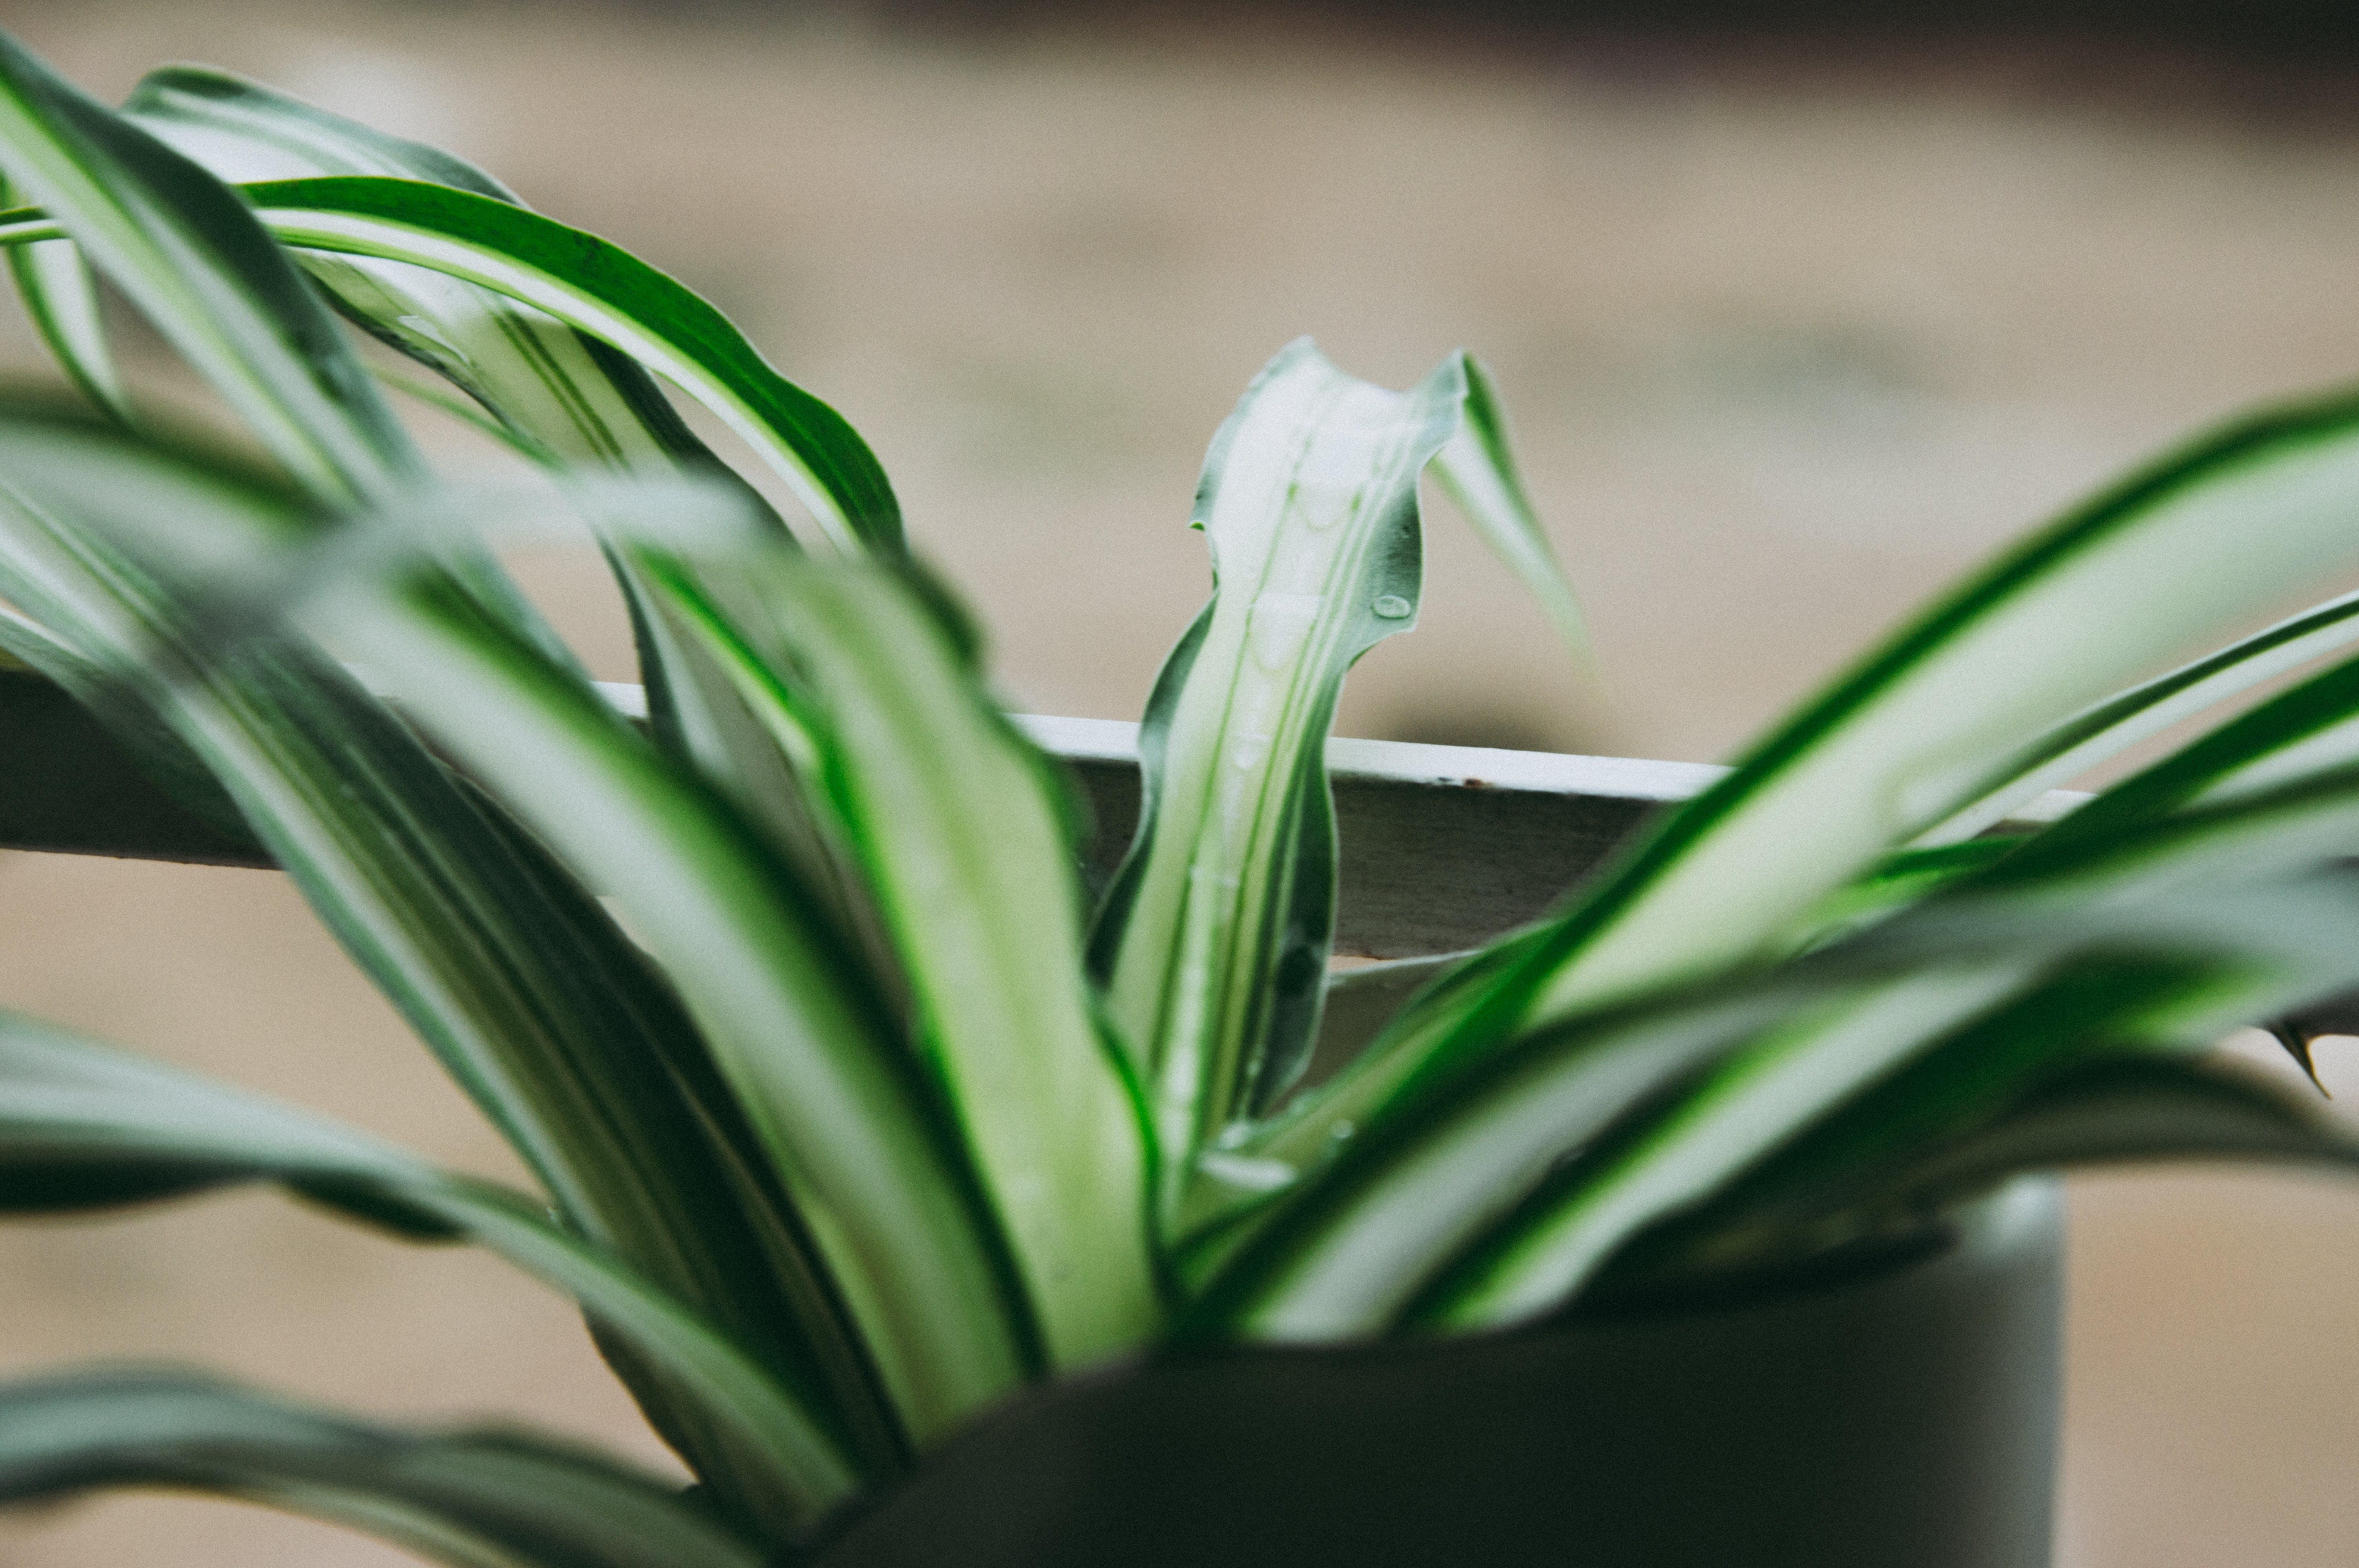 宏觀, 工厂, 盆栽, 綠色植物 的 免费素材照片